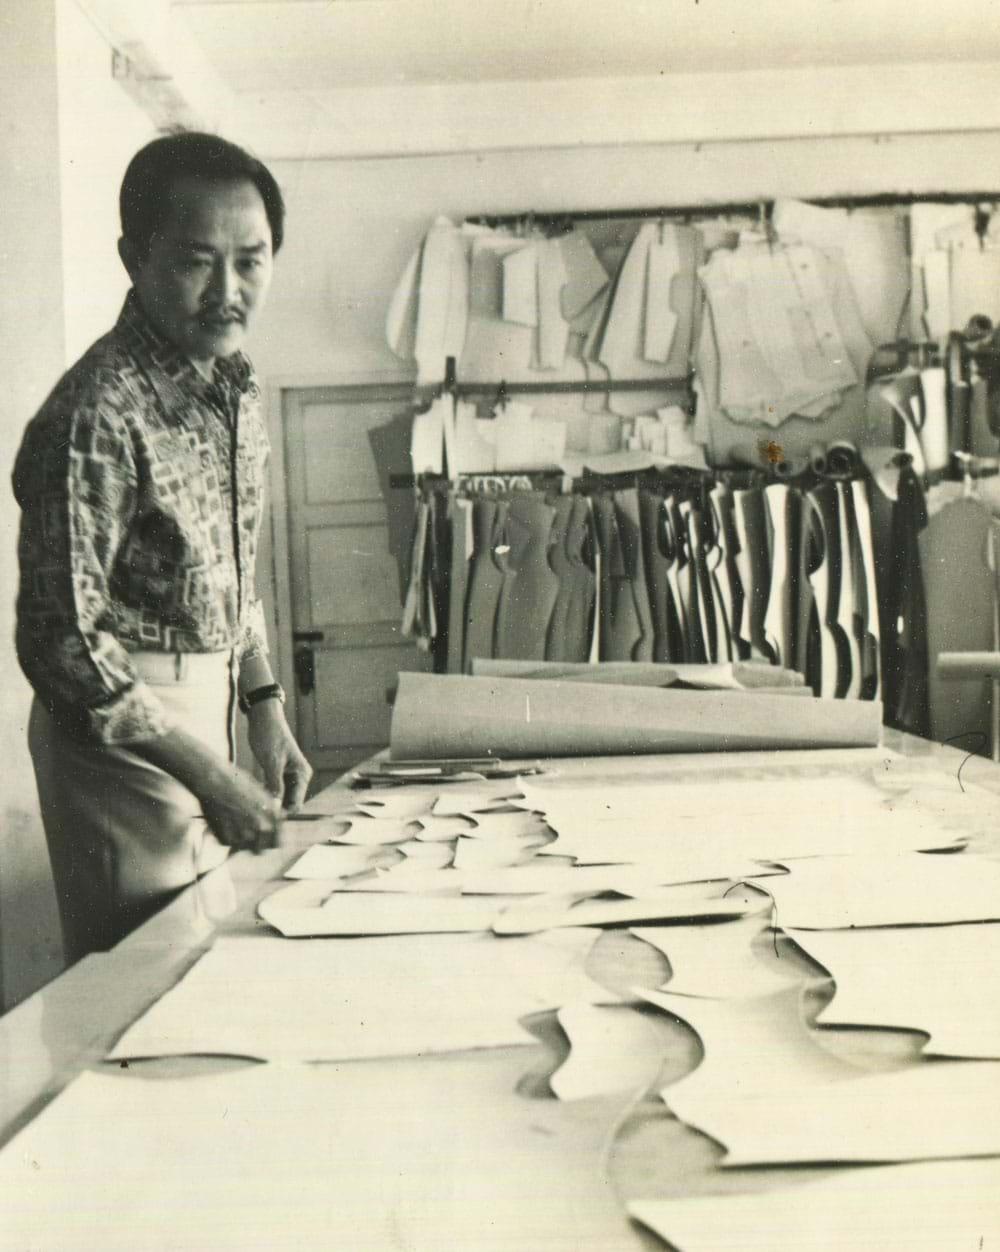 Nghệ nhân may mặc cao cấp lúc còn làm tại phòng kỹ thuật Công ty may Việt Tiến